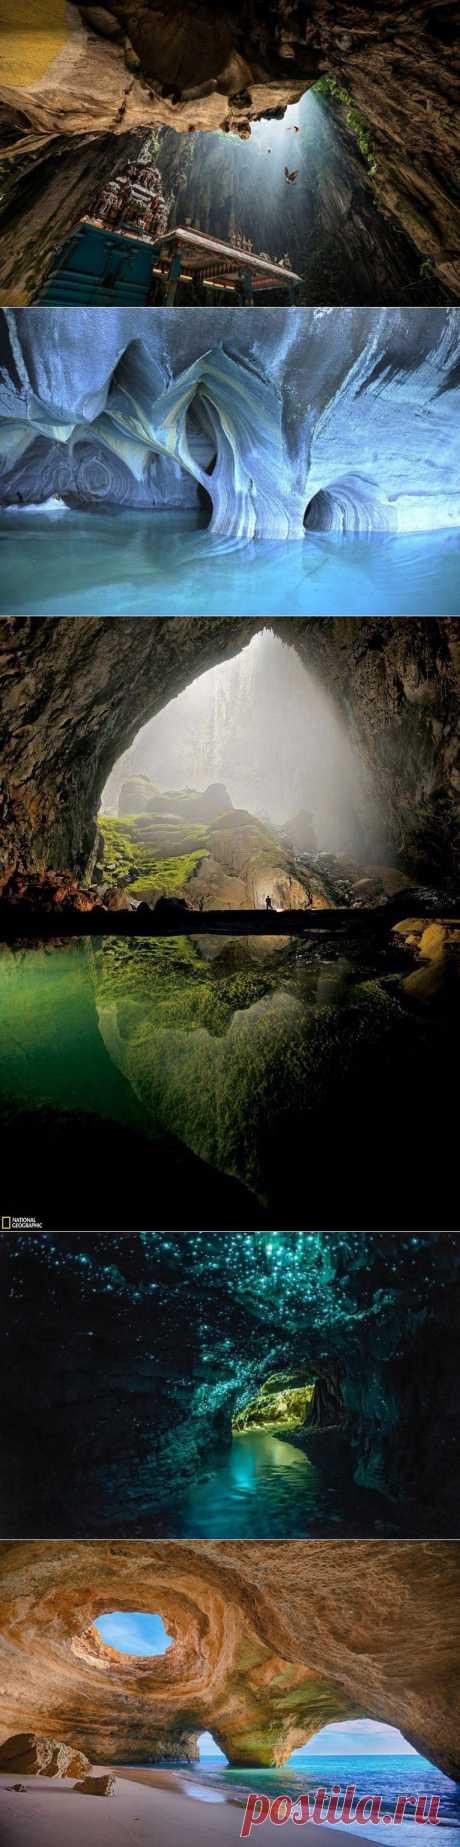 Самые потрясающие пещеры мира / Всё самое лучшее из интернета